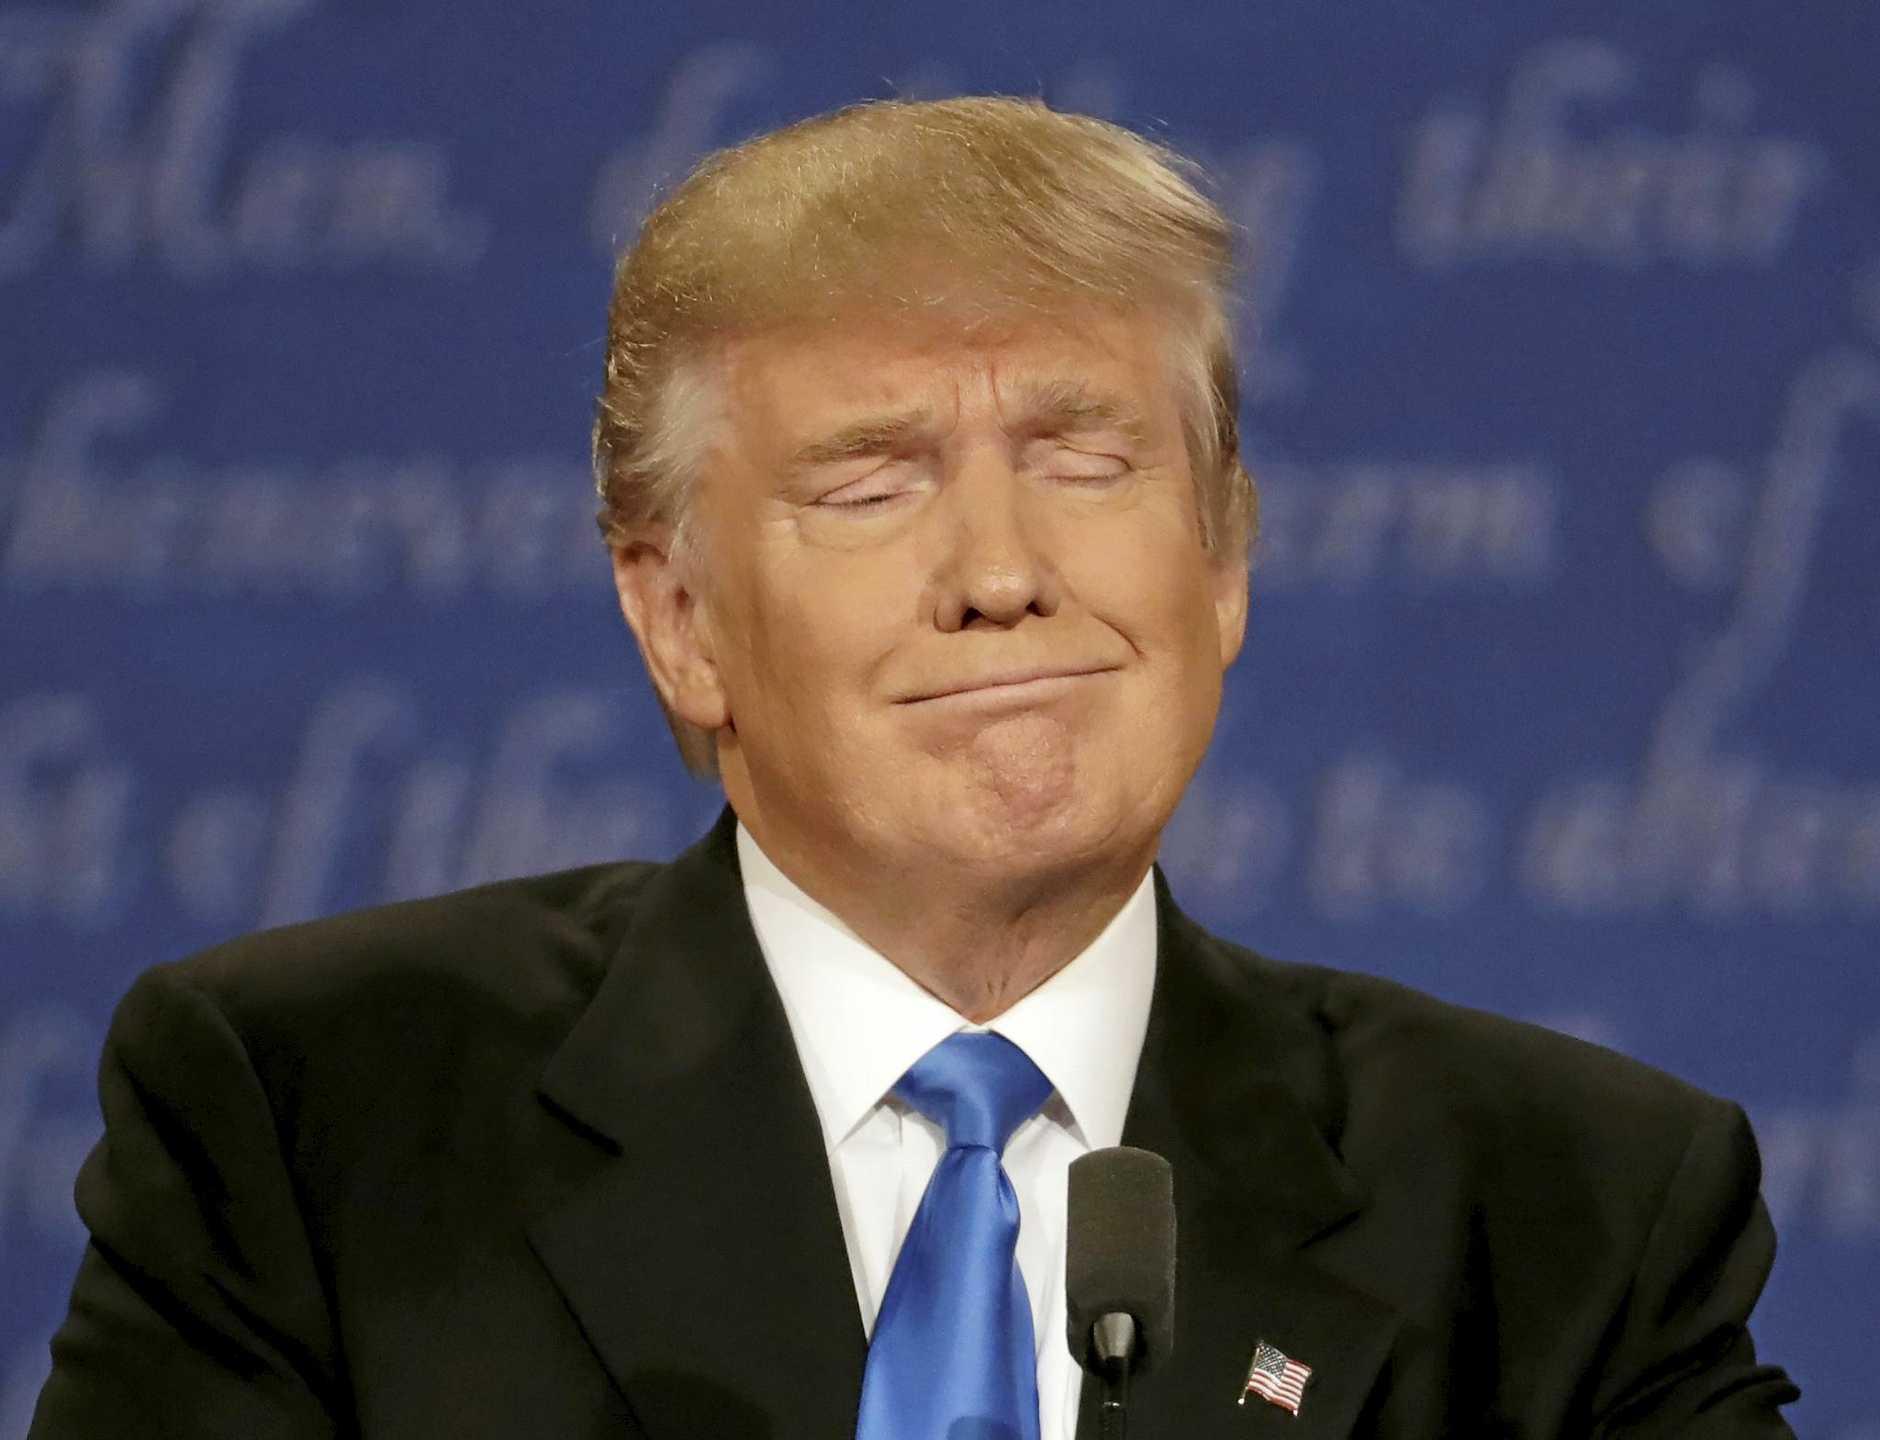 Trump #2: The tight-lipped smile.